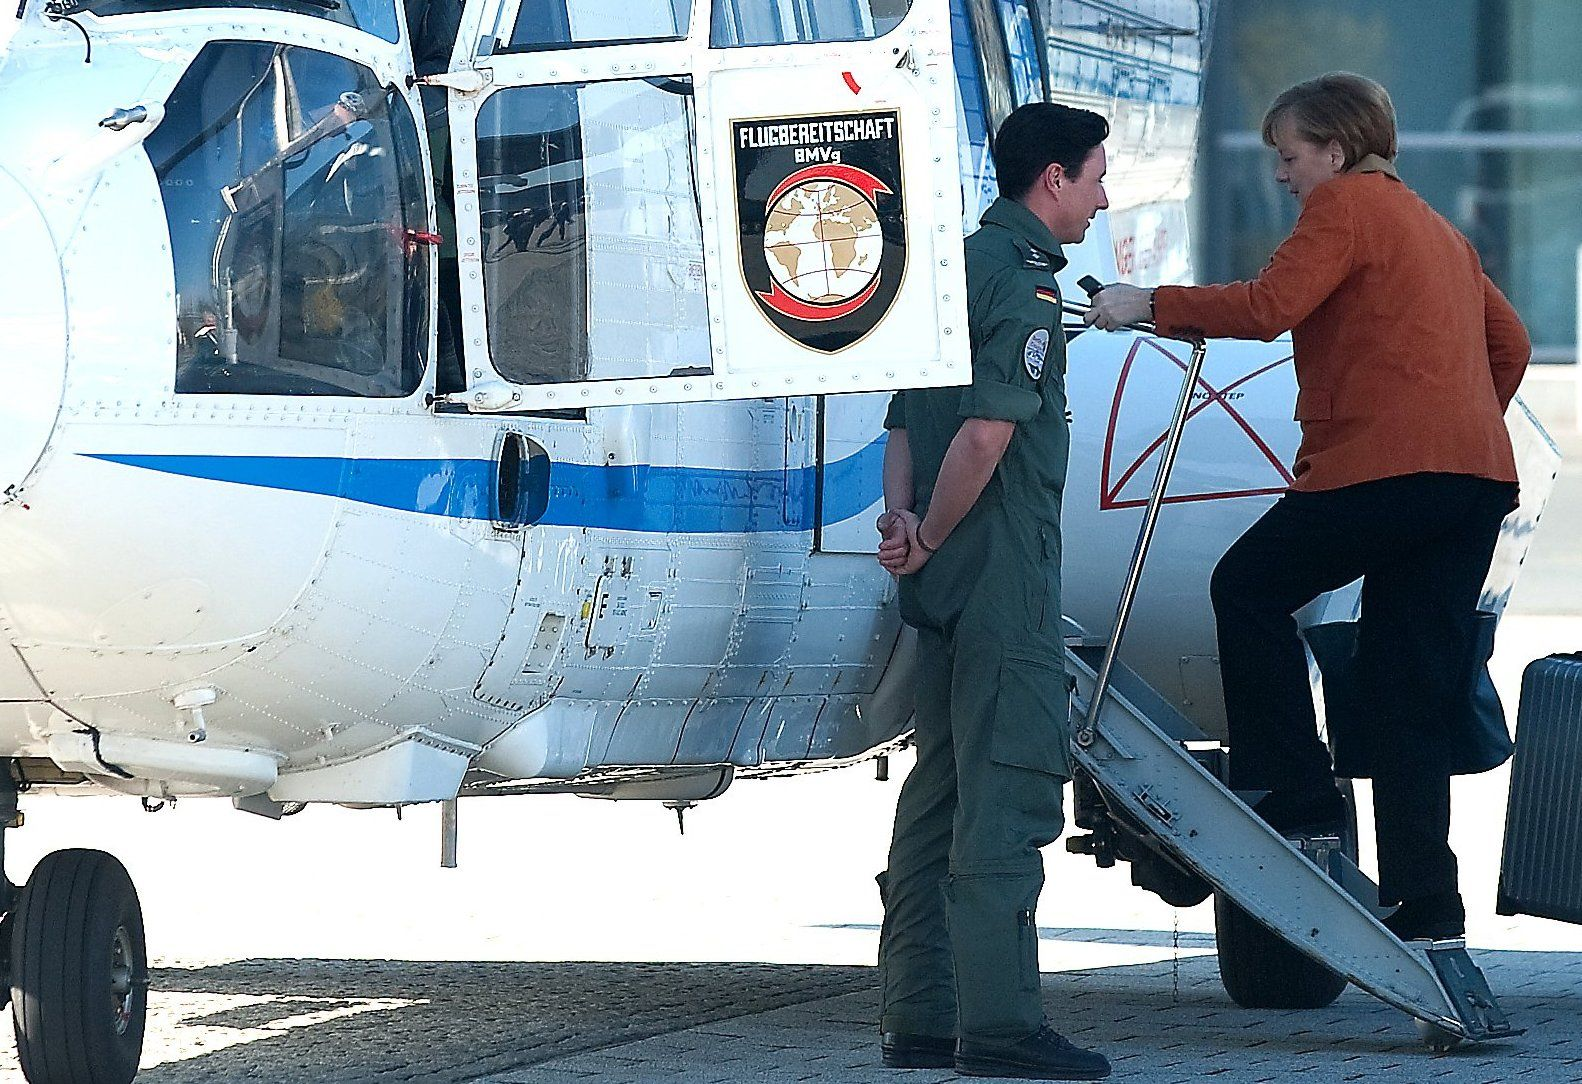 Angela Merkel / Hubschrauber